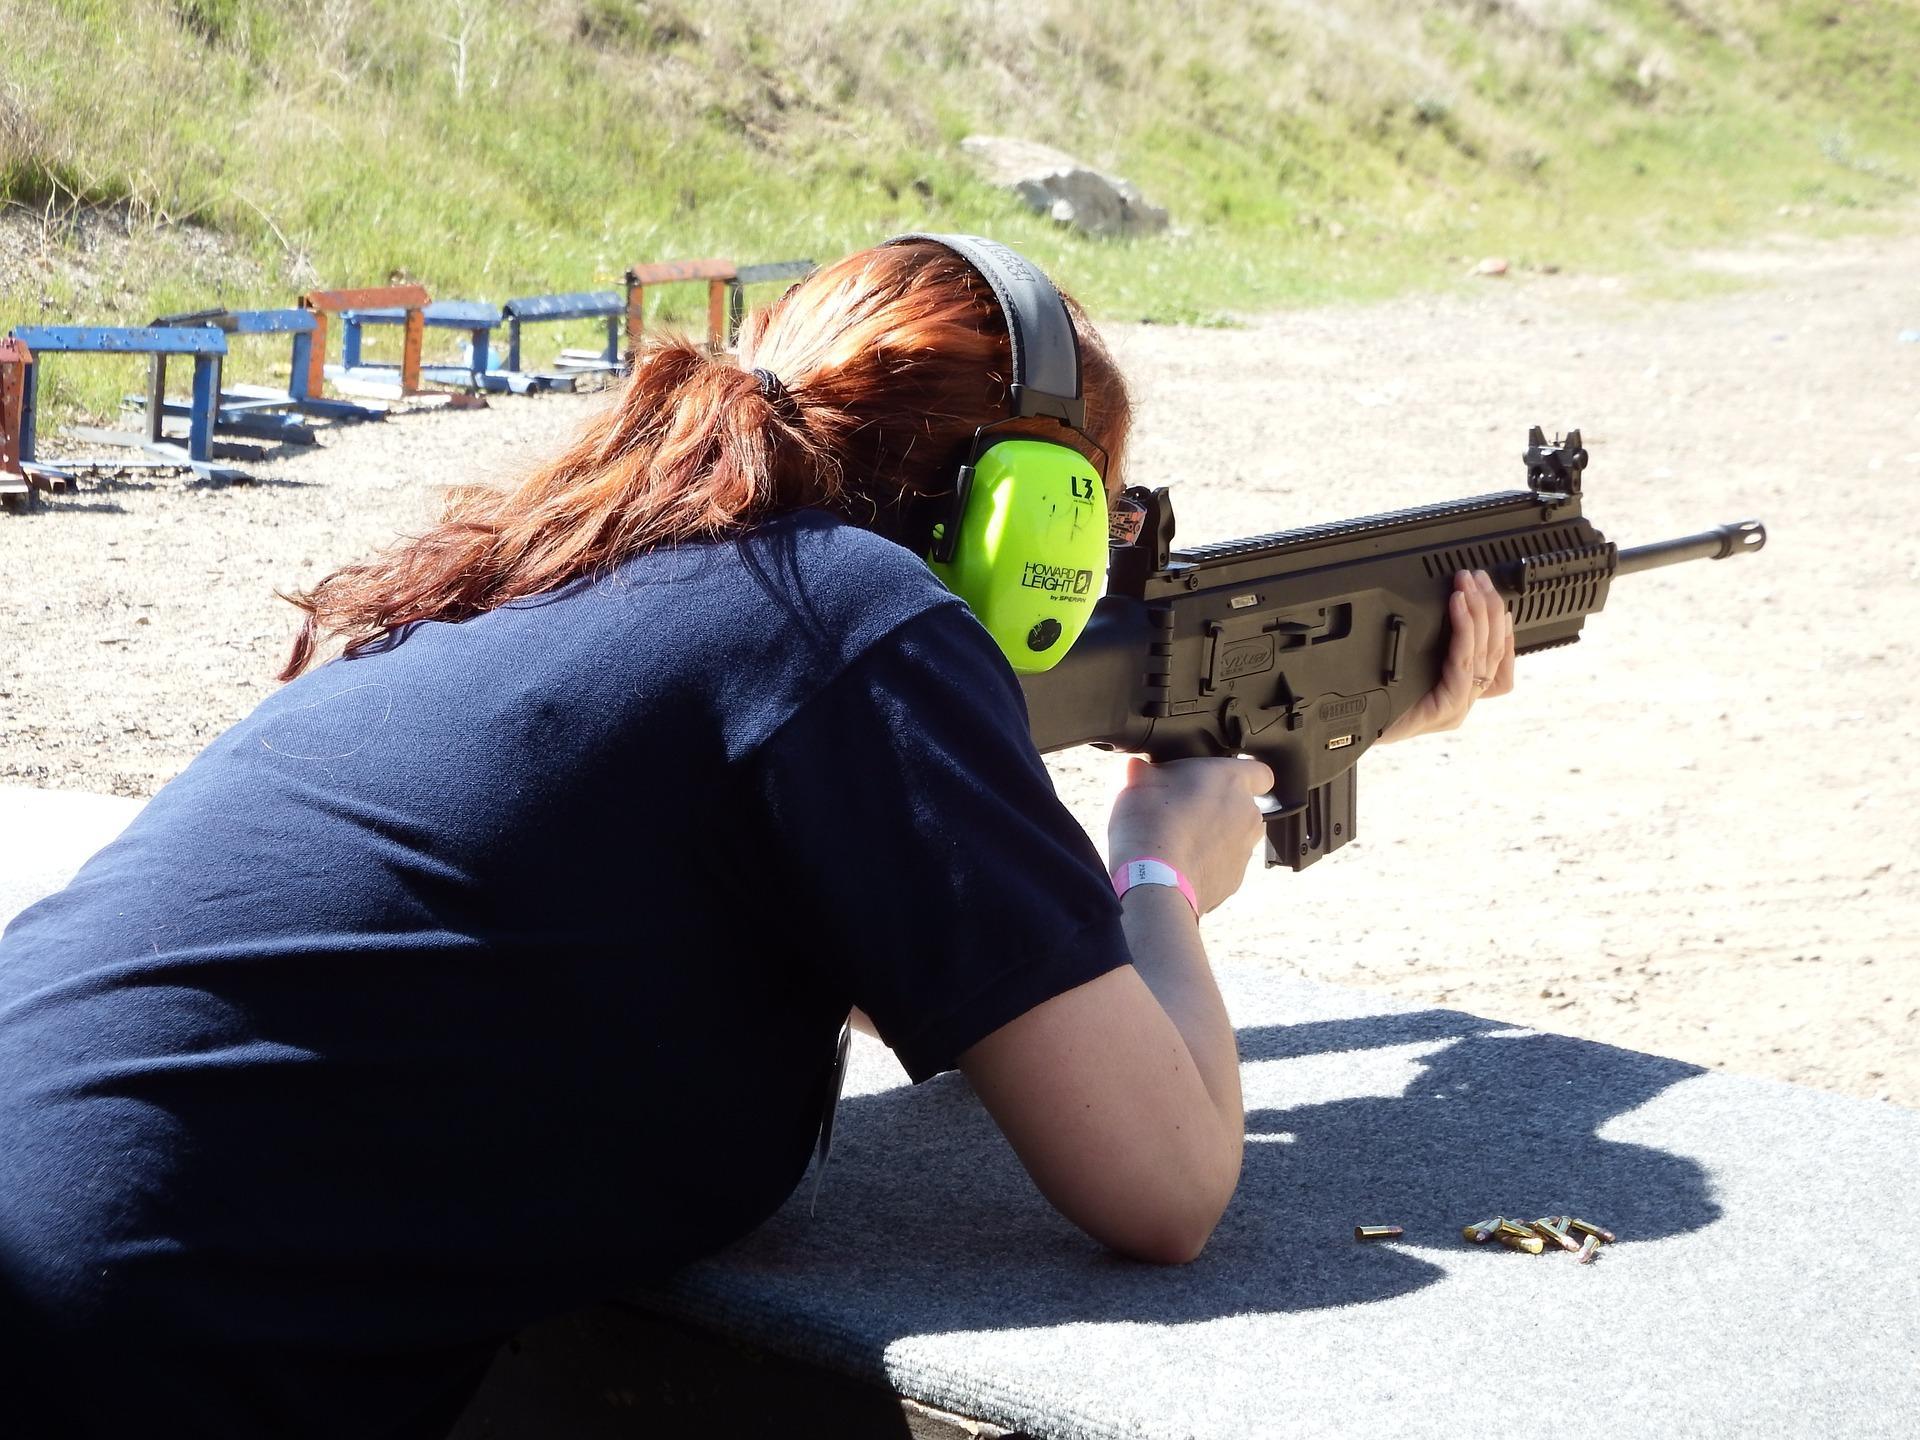 Erkennungsdienstliche Behandlung bei illegalem Schusswaffenbesitz